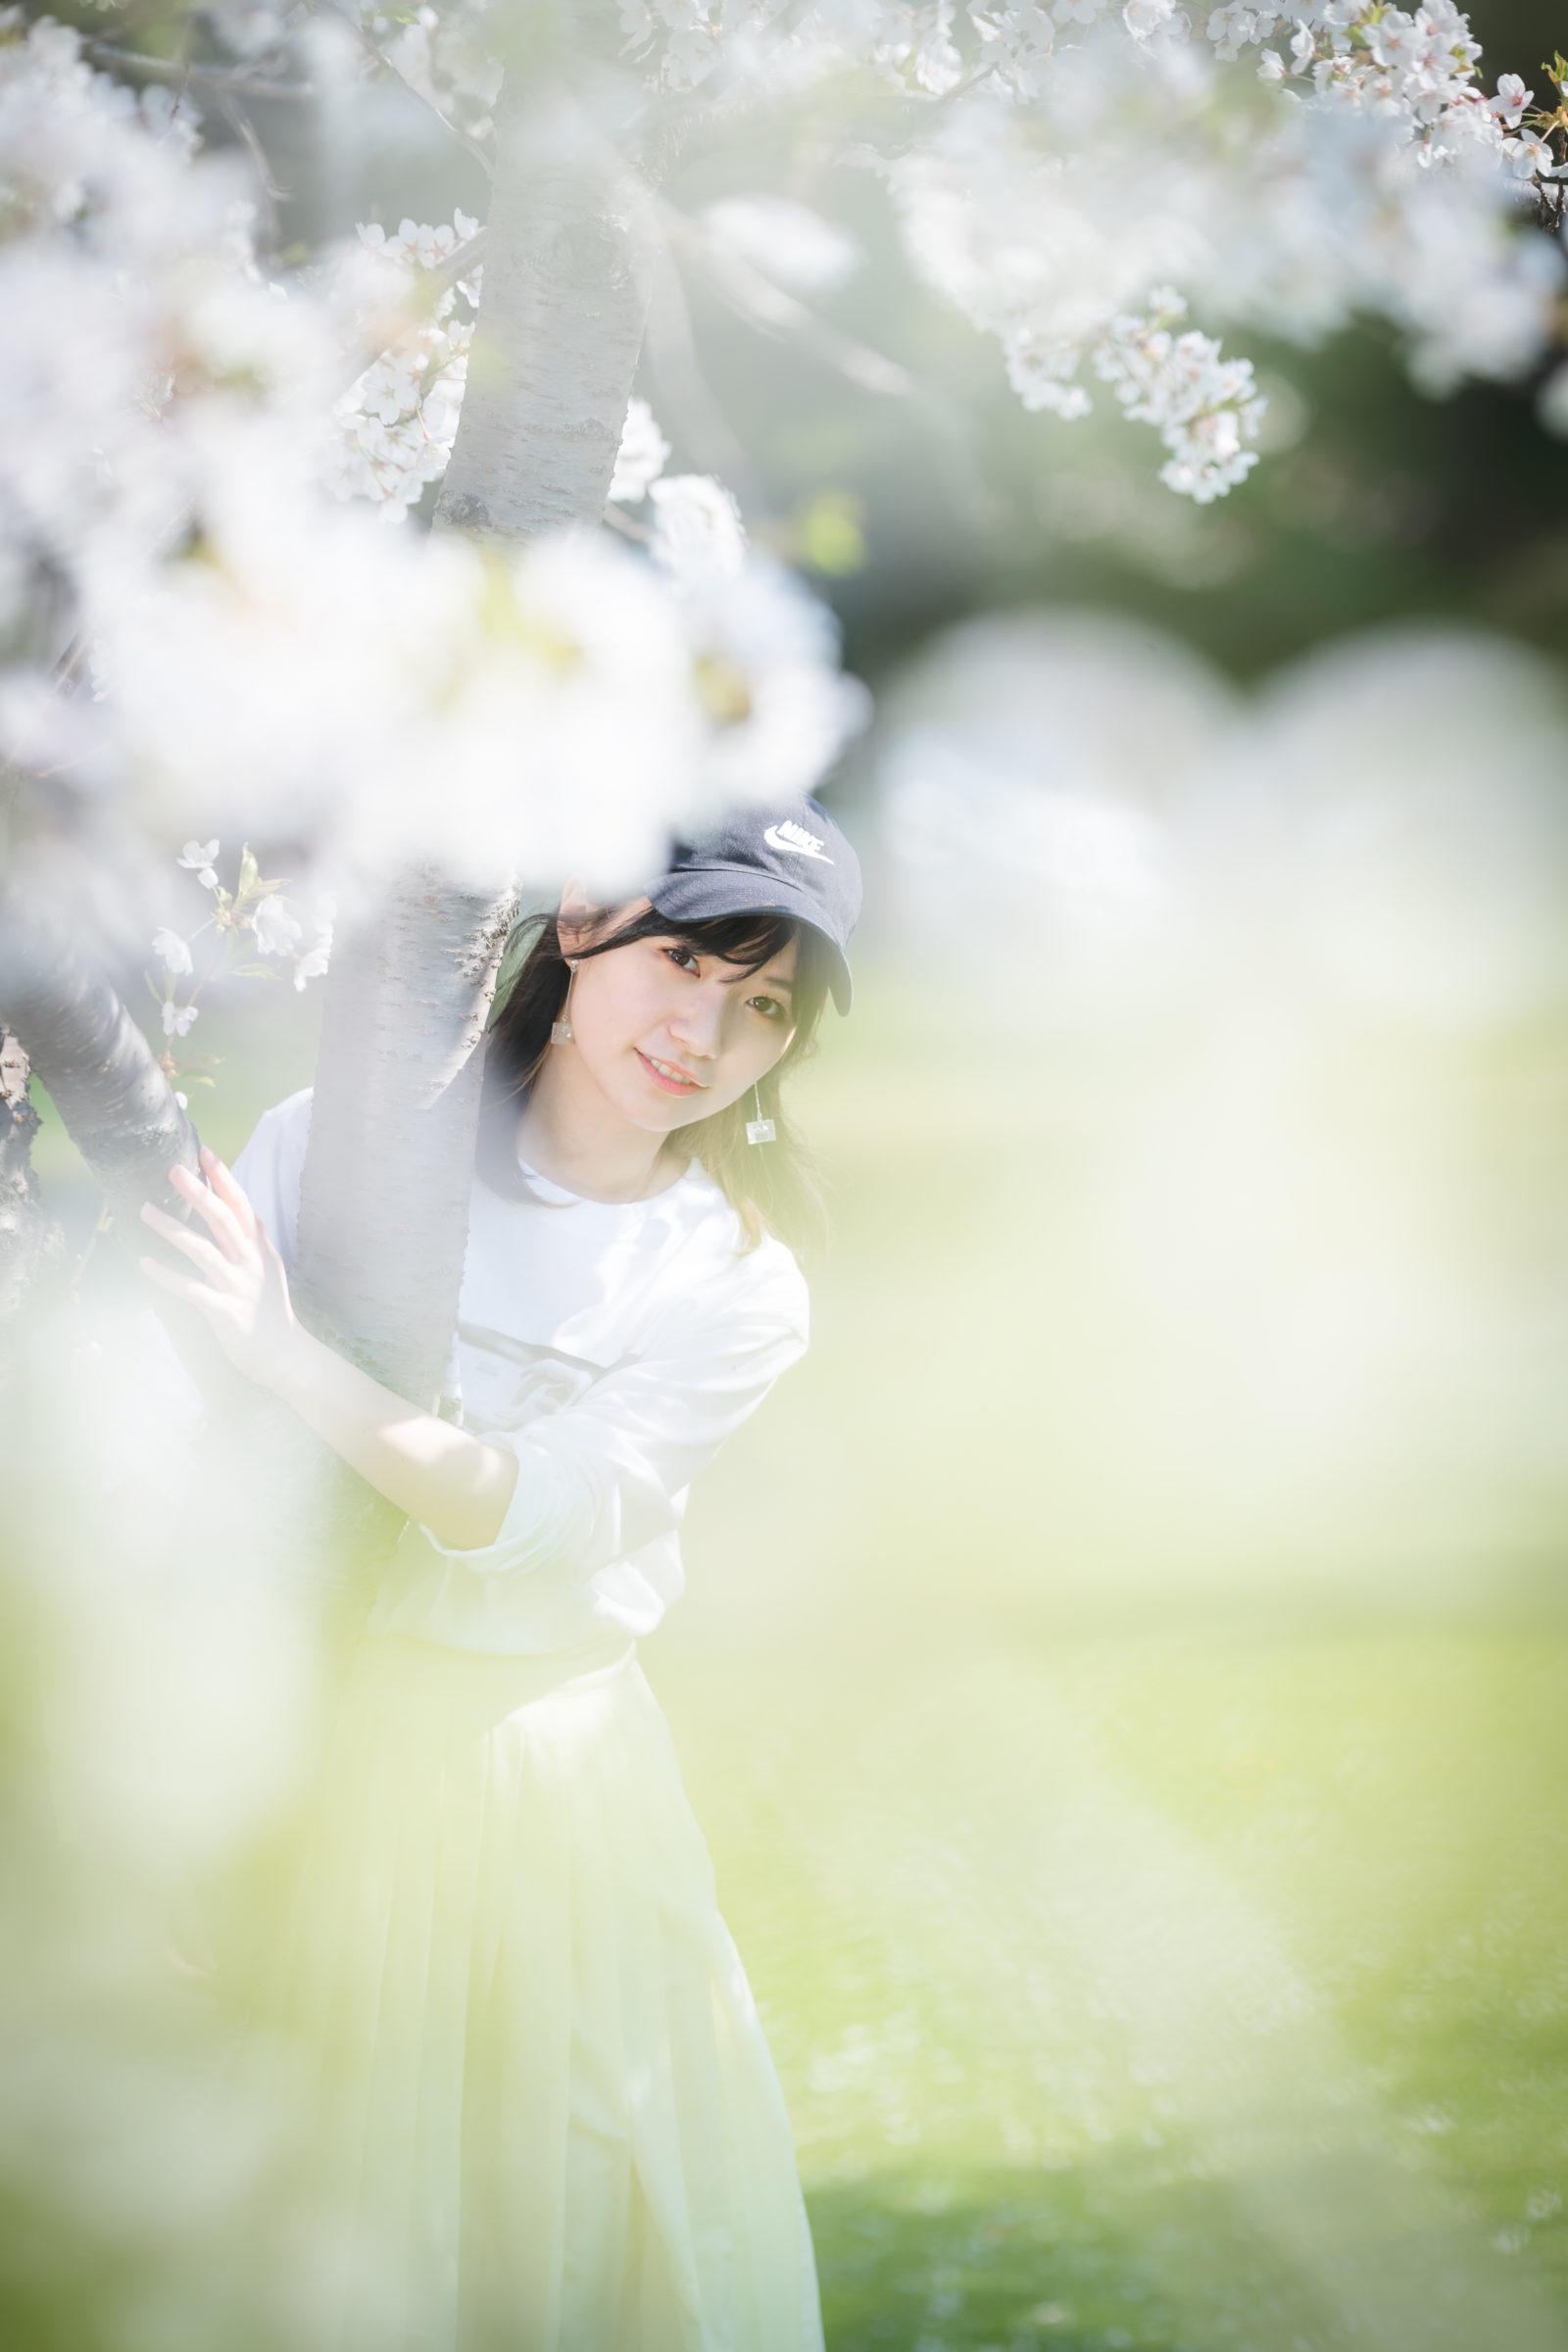 本田みく | 【第2回】本田みく囲み撮影会 in 中島公園 (第2部)